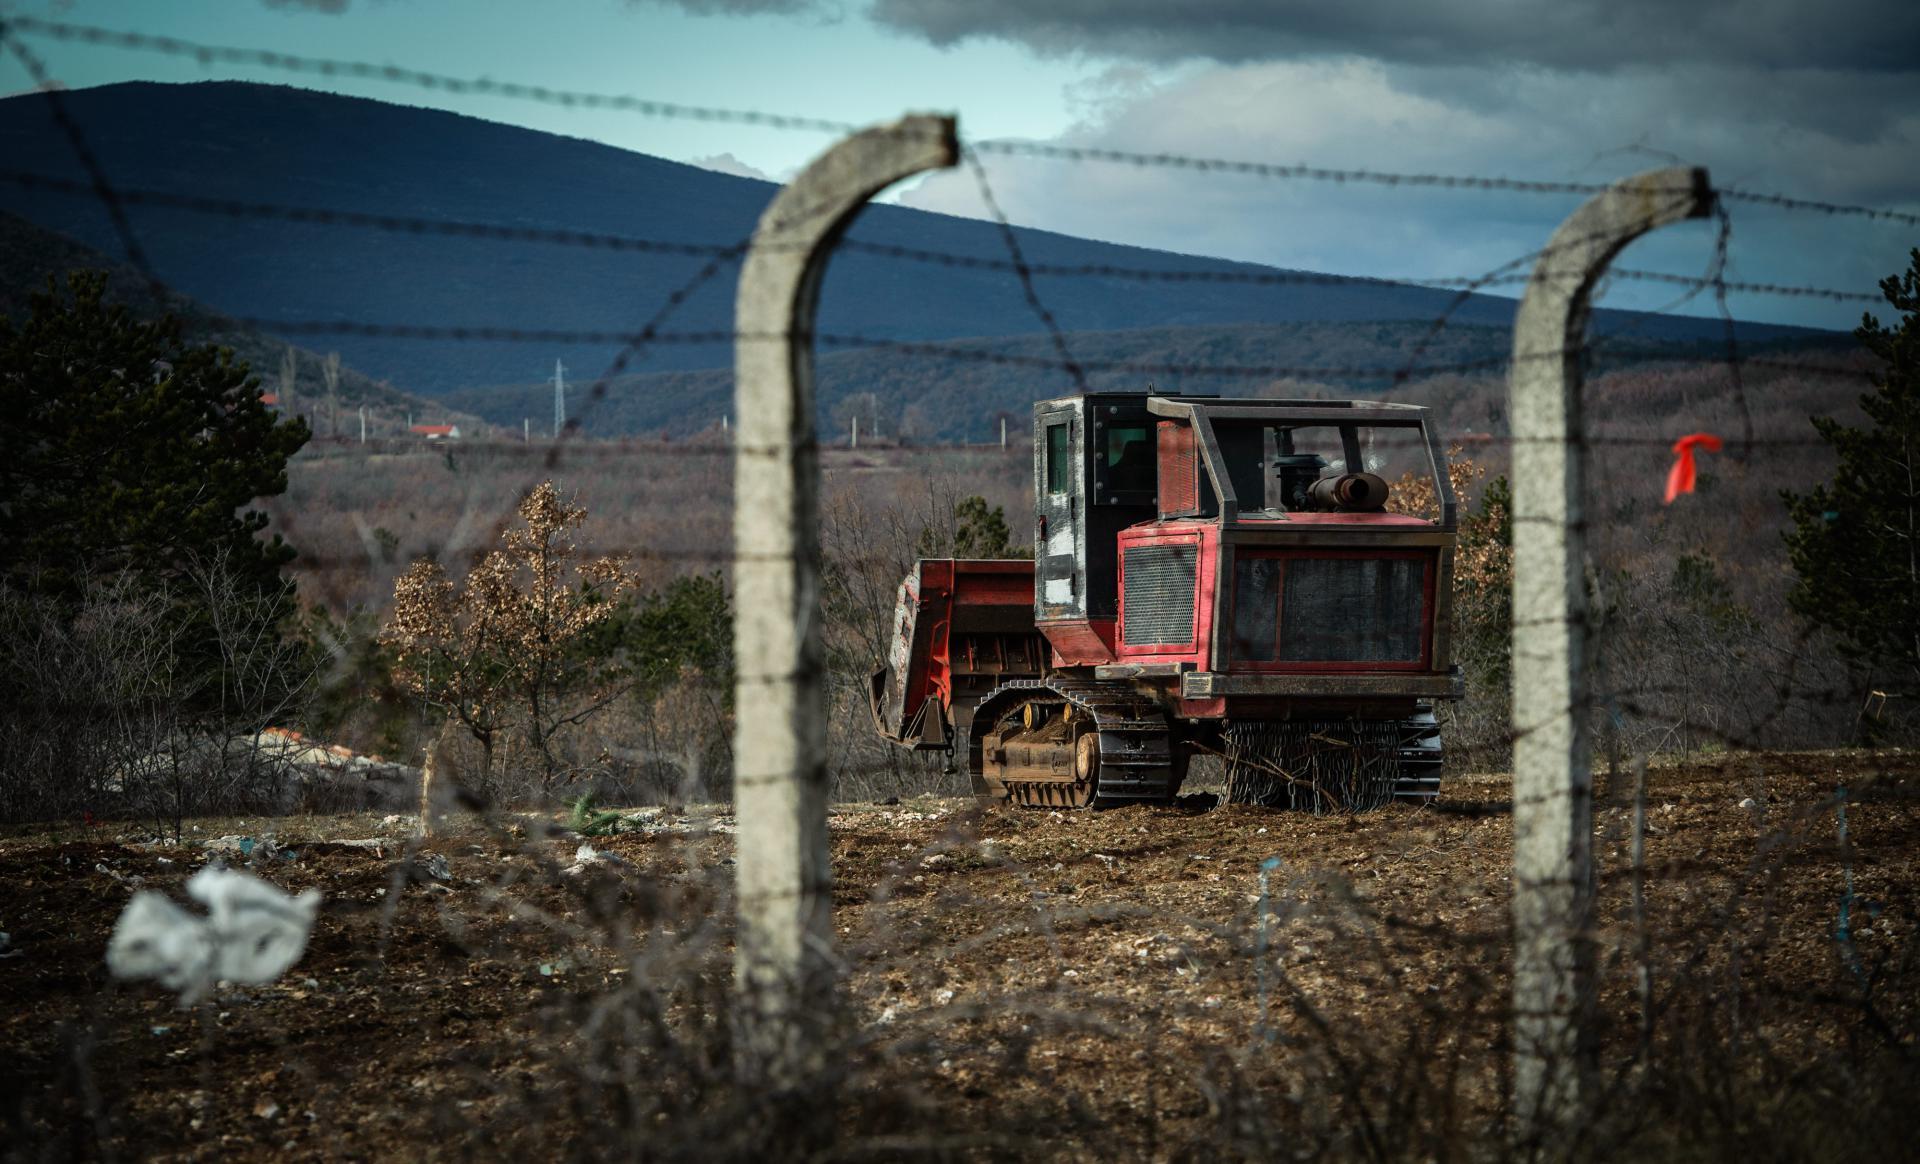 Stroj za uništavanje mina 'melje' zemlju, kamenje i mine unutar bivšeg vojnog poligona Kukuzovac